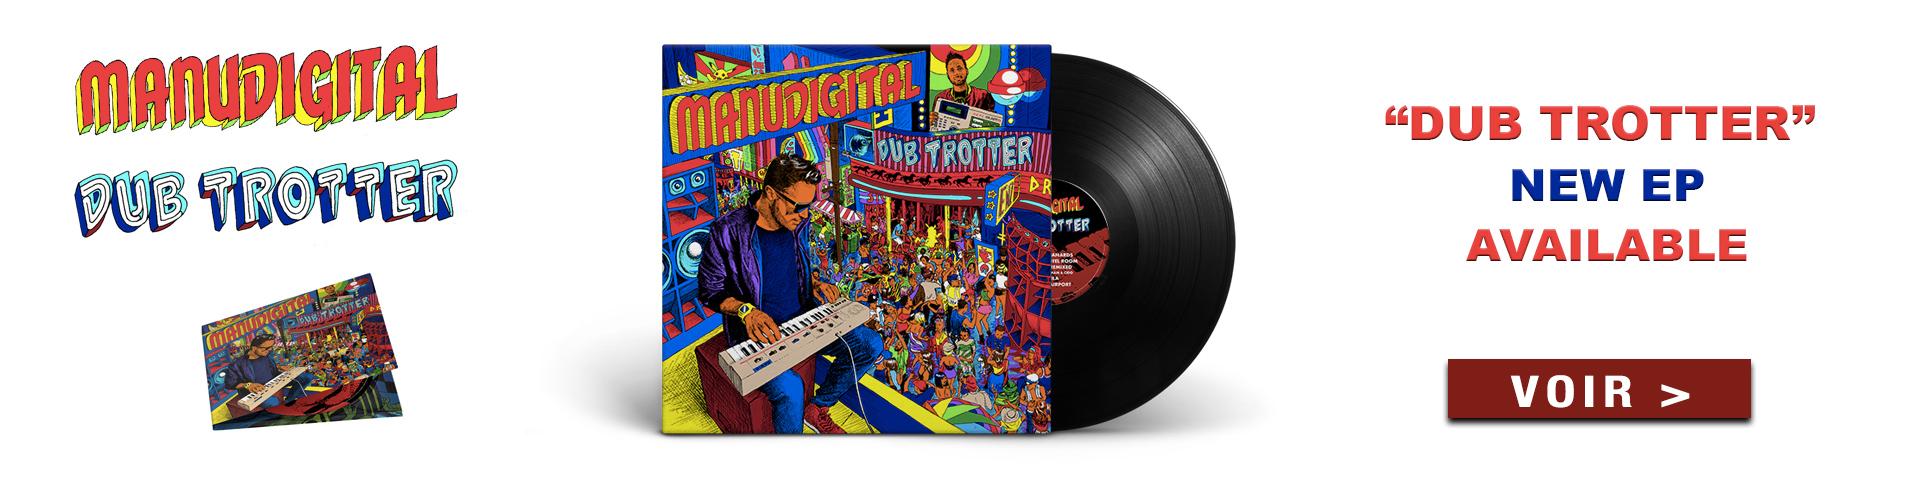 Manudigital-Dub-Trotter-EP-available